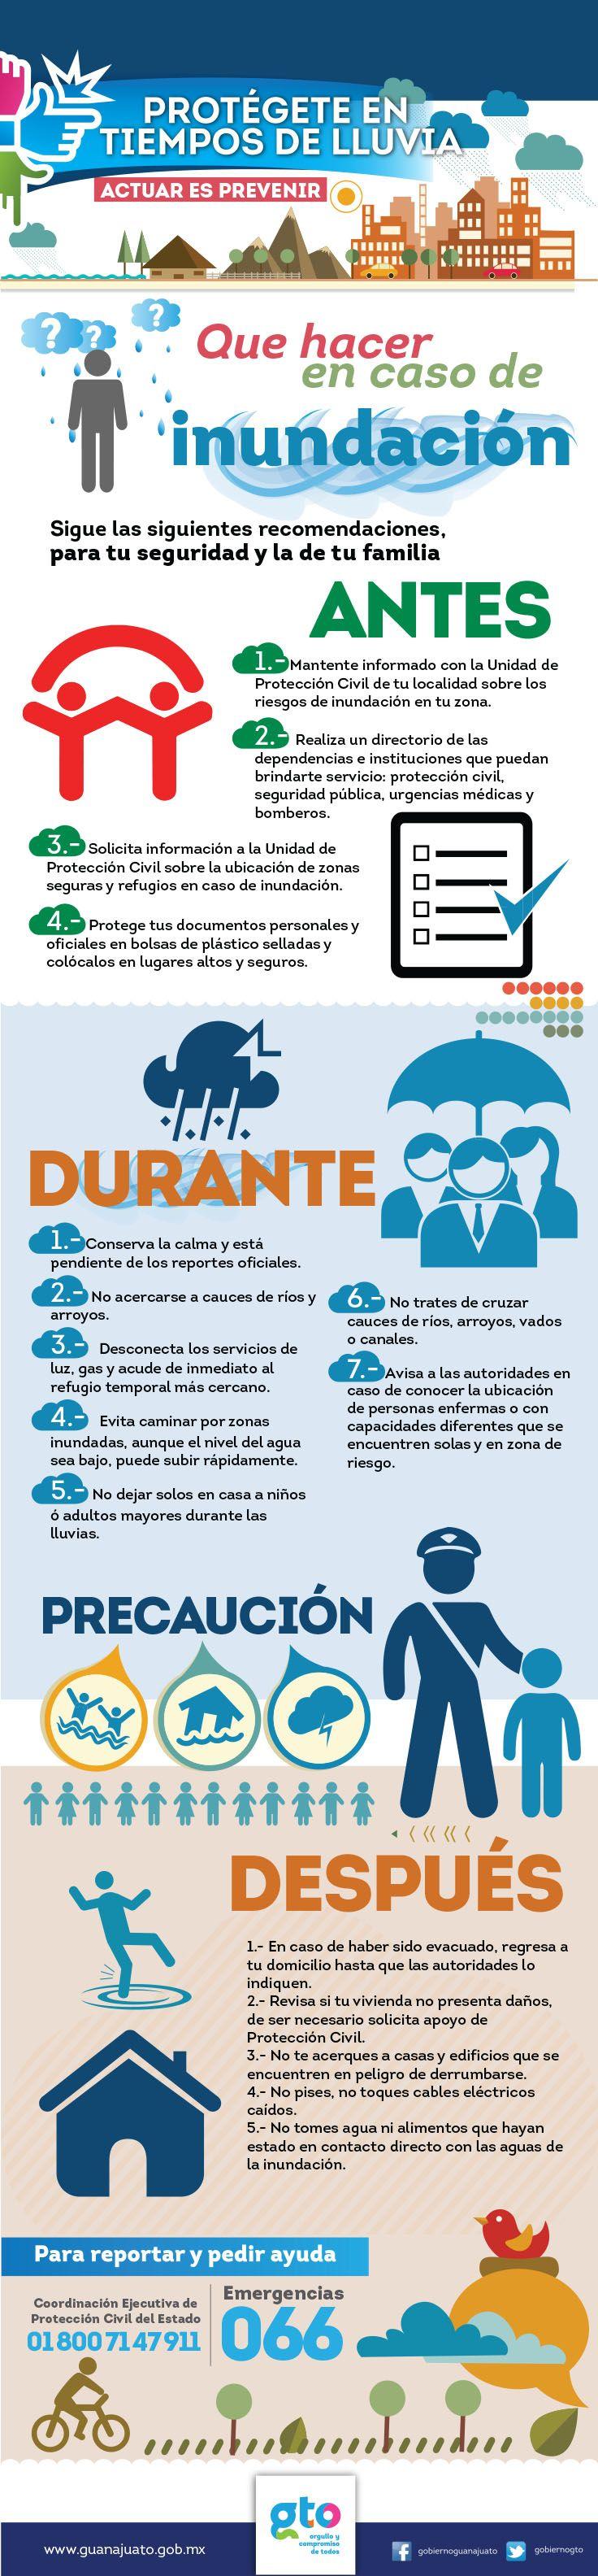 Protégete en tiempos de lluvia. Que hacer en caso de inundación. #Recomendaciones #Guanajuato #ImpulsoGto